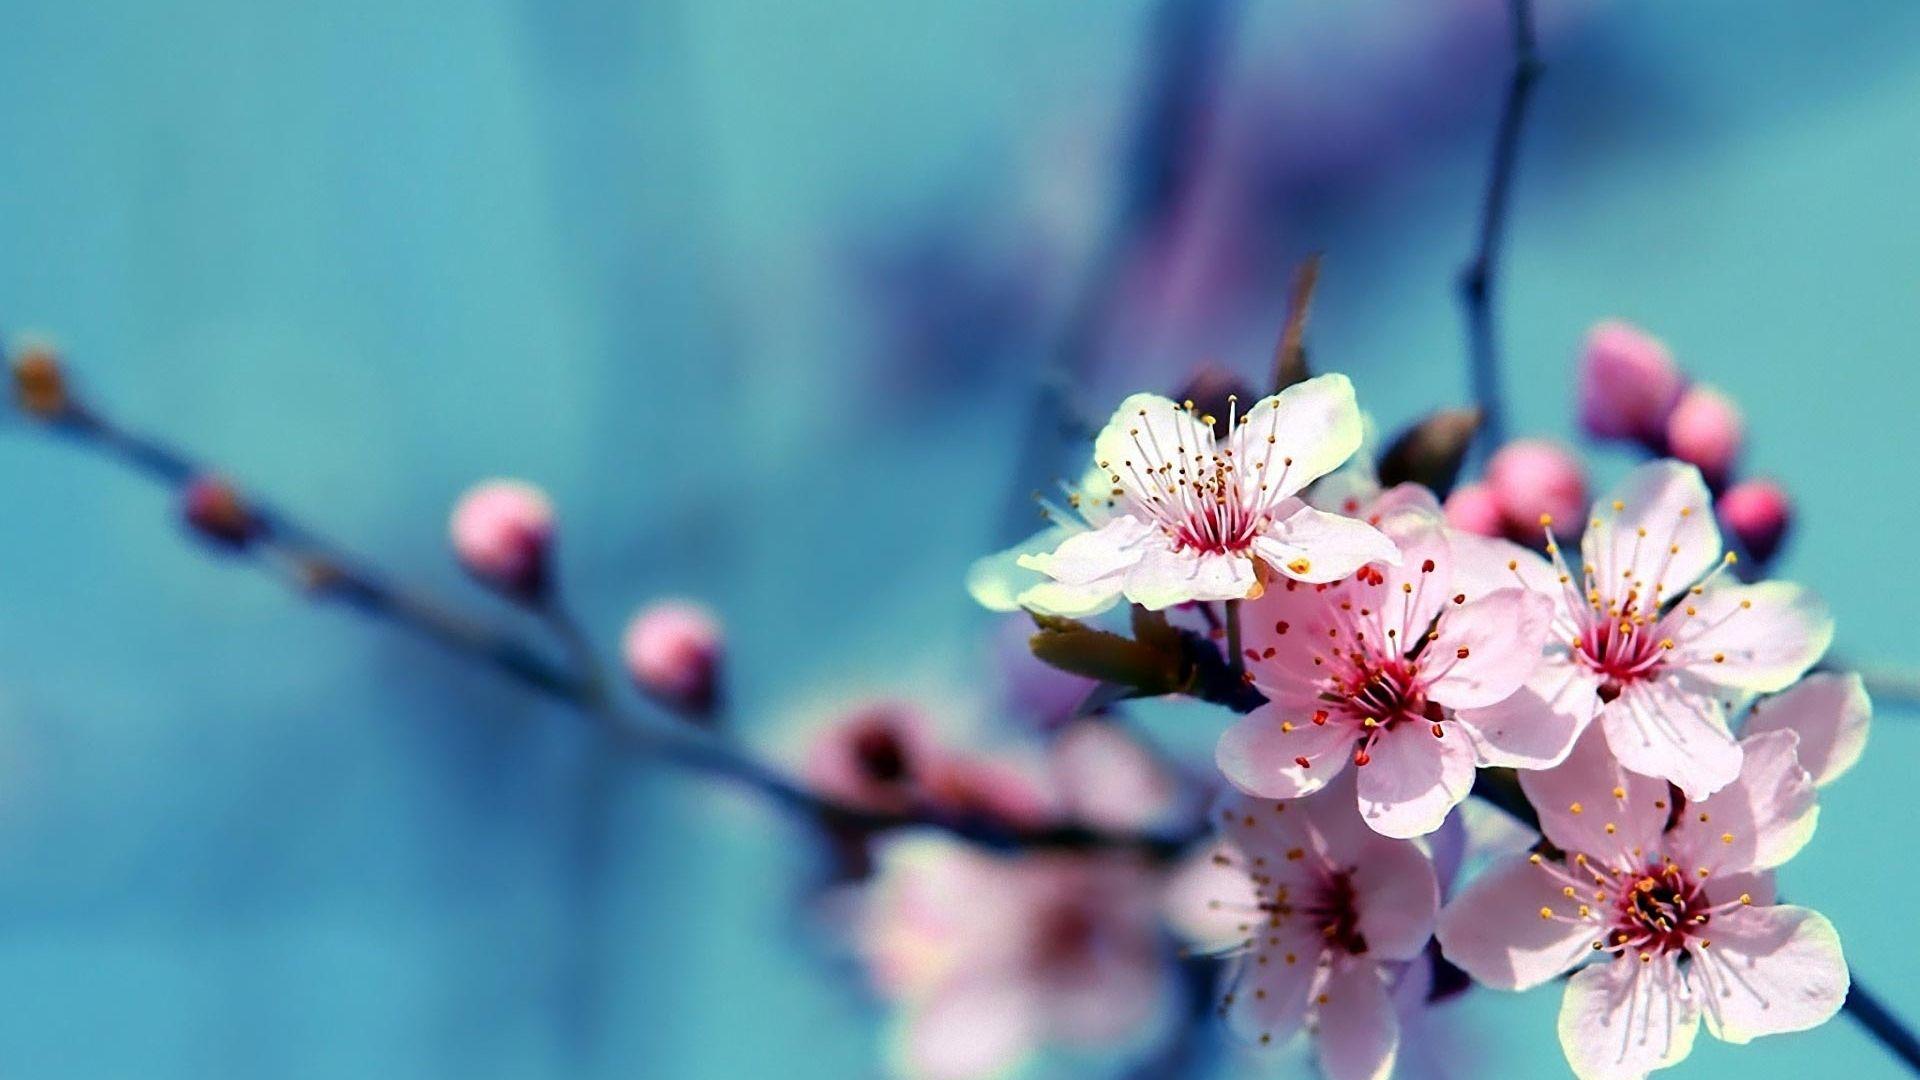 Fondos De Pantalla Hd Flores: Wallpapers De Flores De Cerezo Para Fondo De Pantalla En